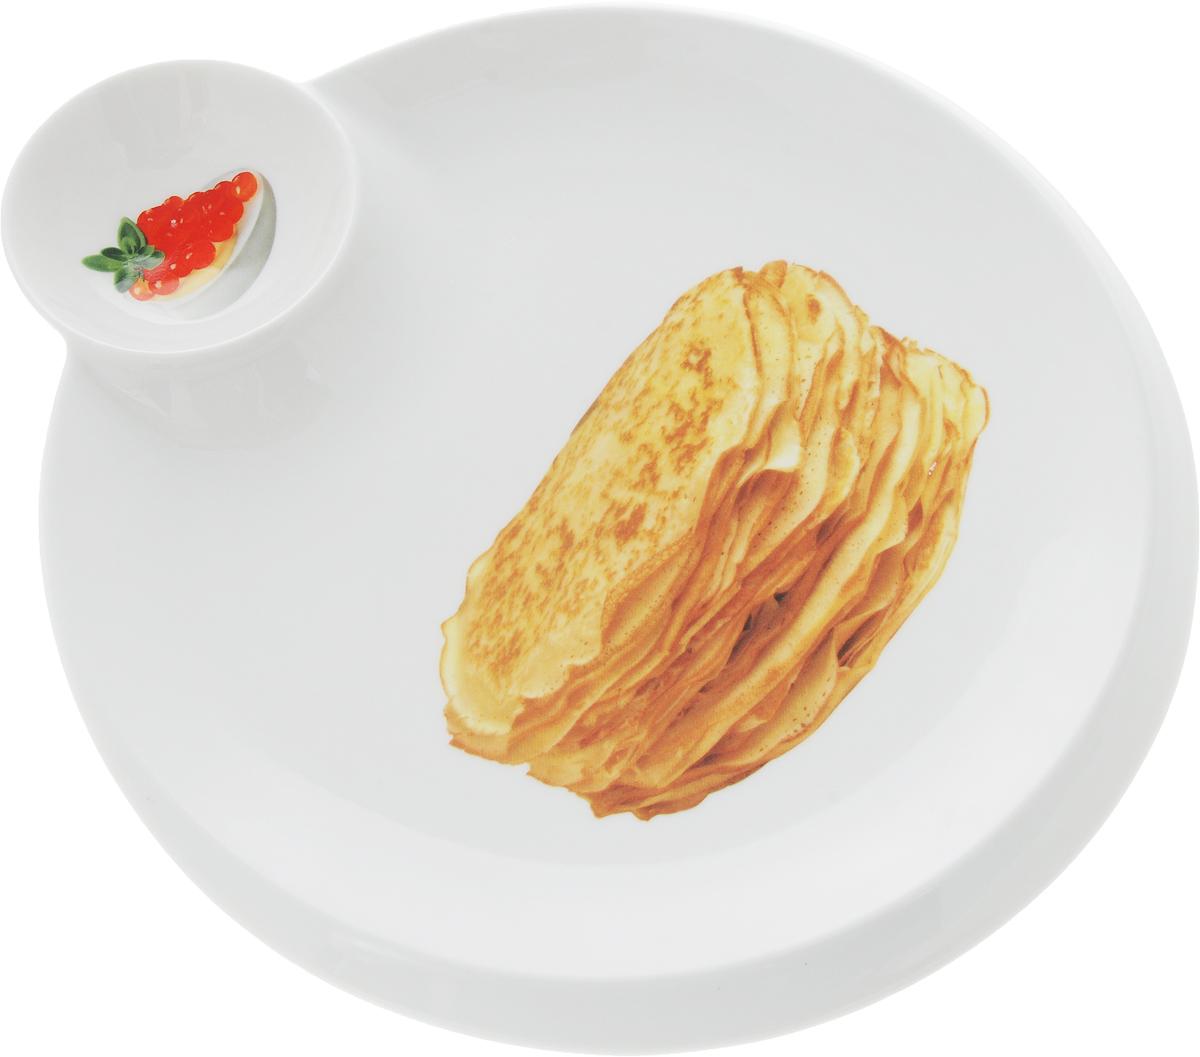 Тарелка для блинов Elan Gallery Блины, с соусницей, диаметр: 20 см101105Тарелка для блинов с декором позволит красиво подать блины. Легко моется, можно использовать в микроволновой печи. Изделие имеет подарочную упаковку, поэтому станет желанным подарком для Ваших близких! Размер тарелки: 27,5 х 25 х 2,5 см.